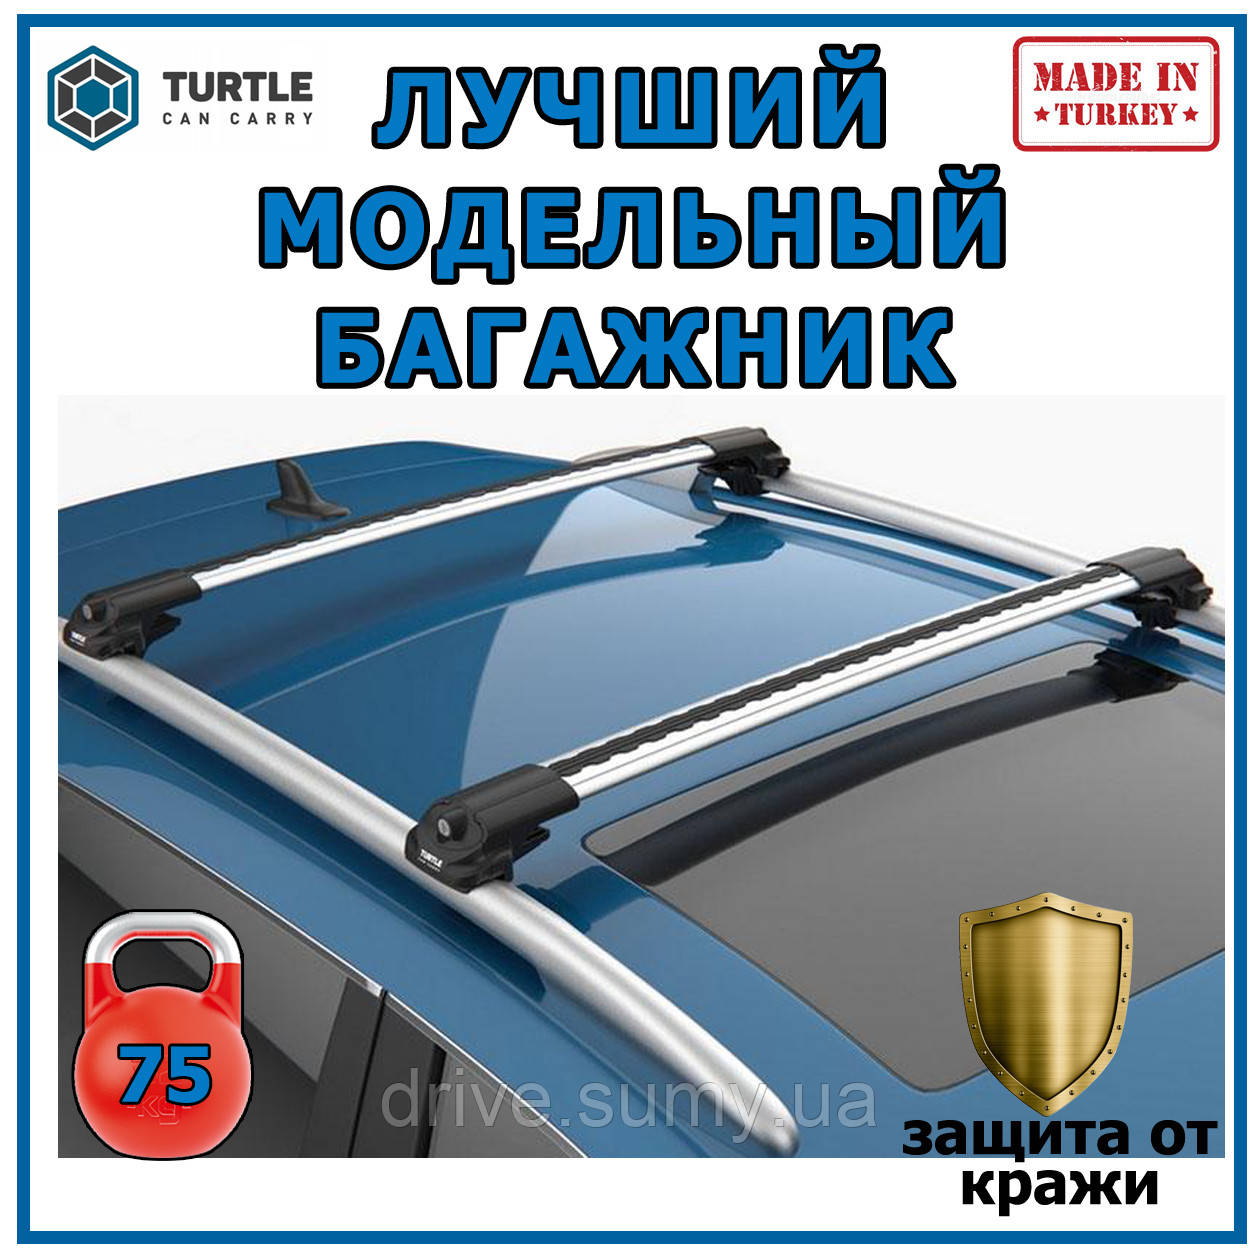 Багажник на дах Infiniti QX56 2011-2013 на рейлінги сірий Turtle